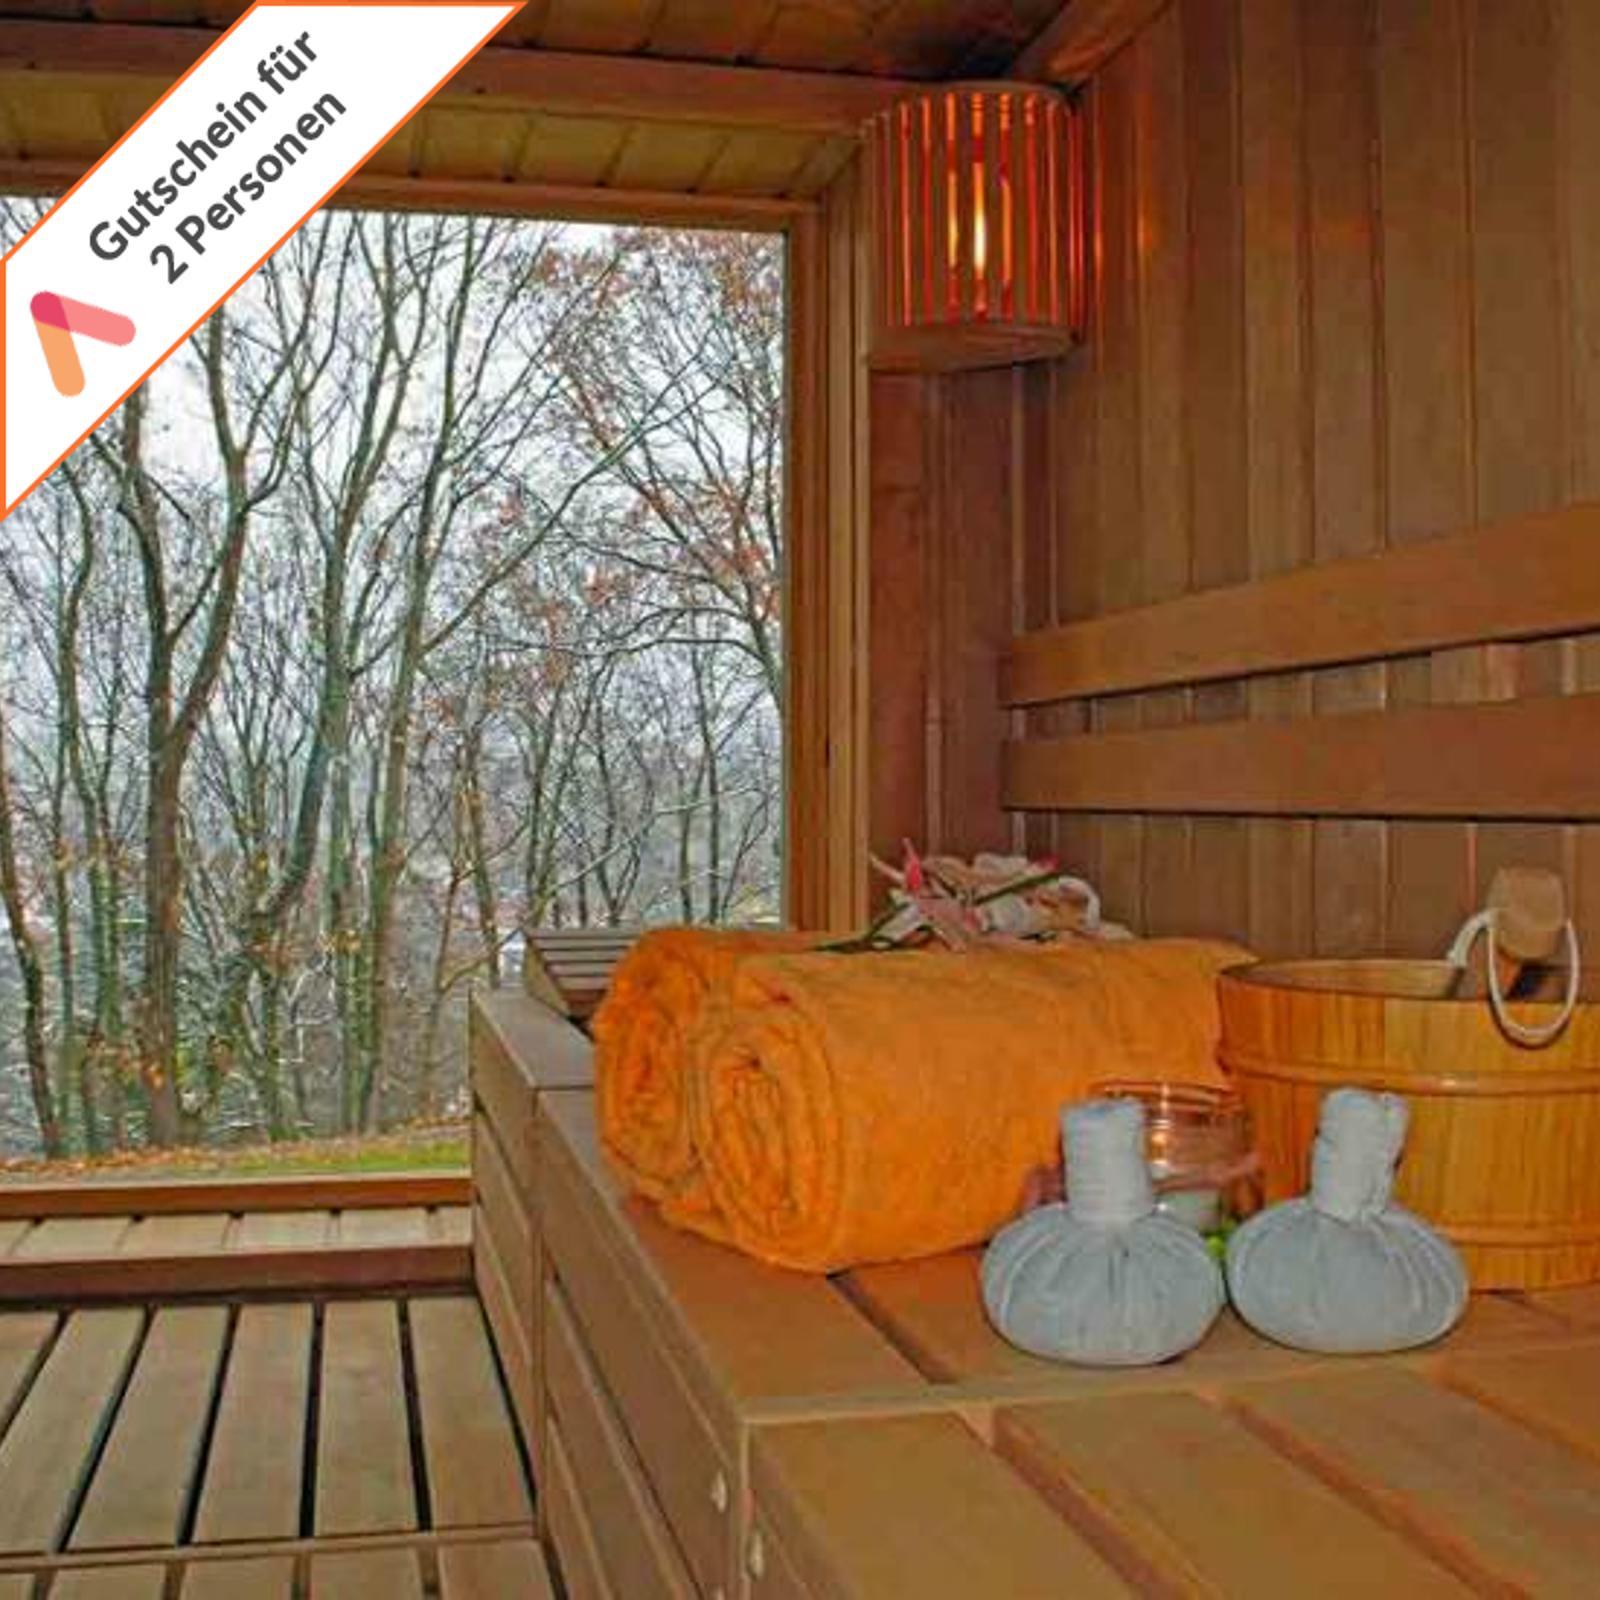 Kurzreise Rhön 3 Tage 4 Sterne Wellness Hotel für 2 Personen Hotelgutschein Pool